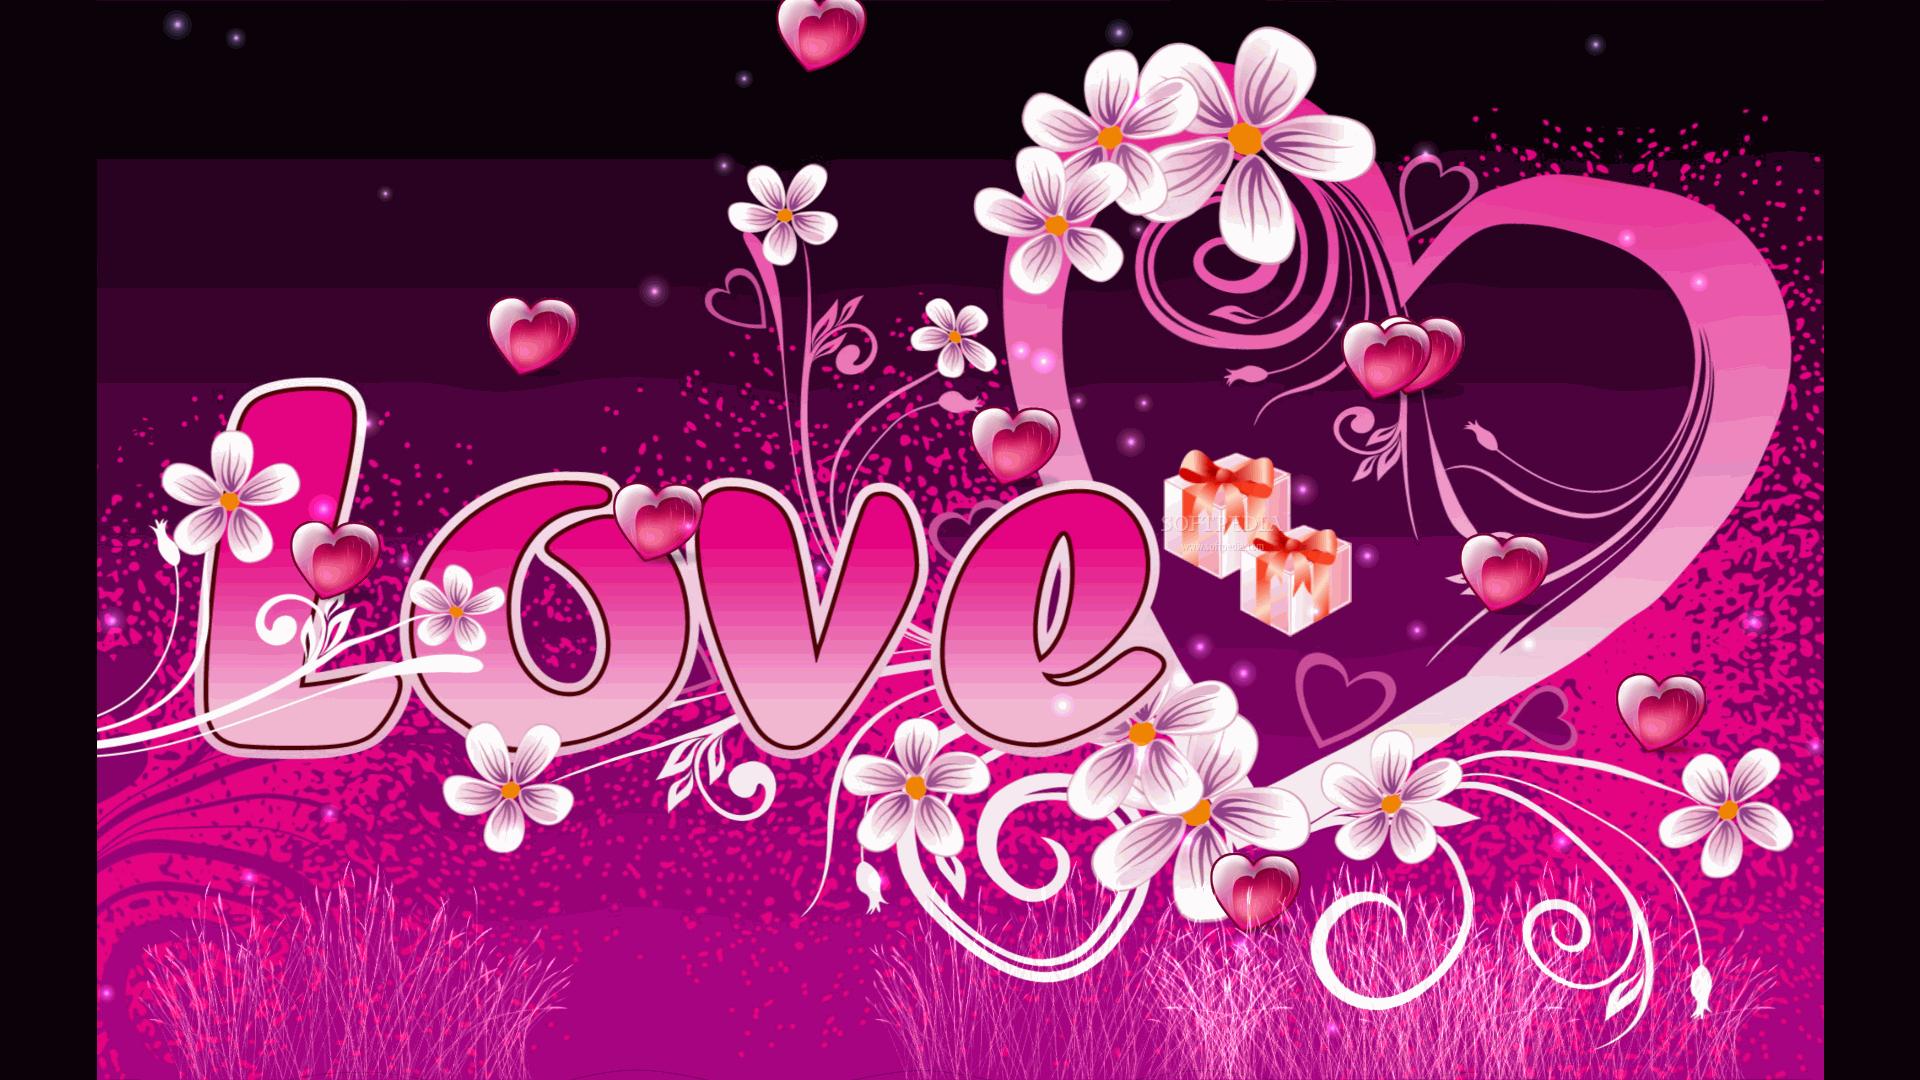 Be My Valentine Screensaver   Be My Valentine Screensaver displays a 1920x1080